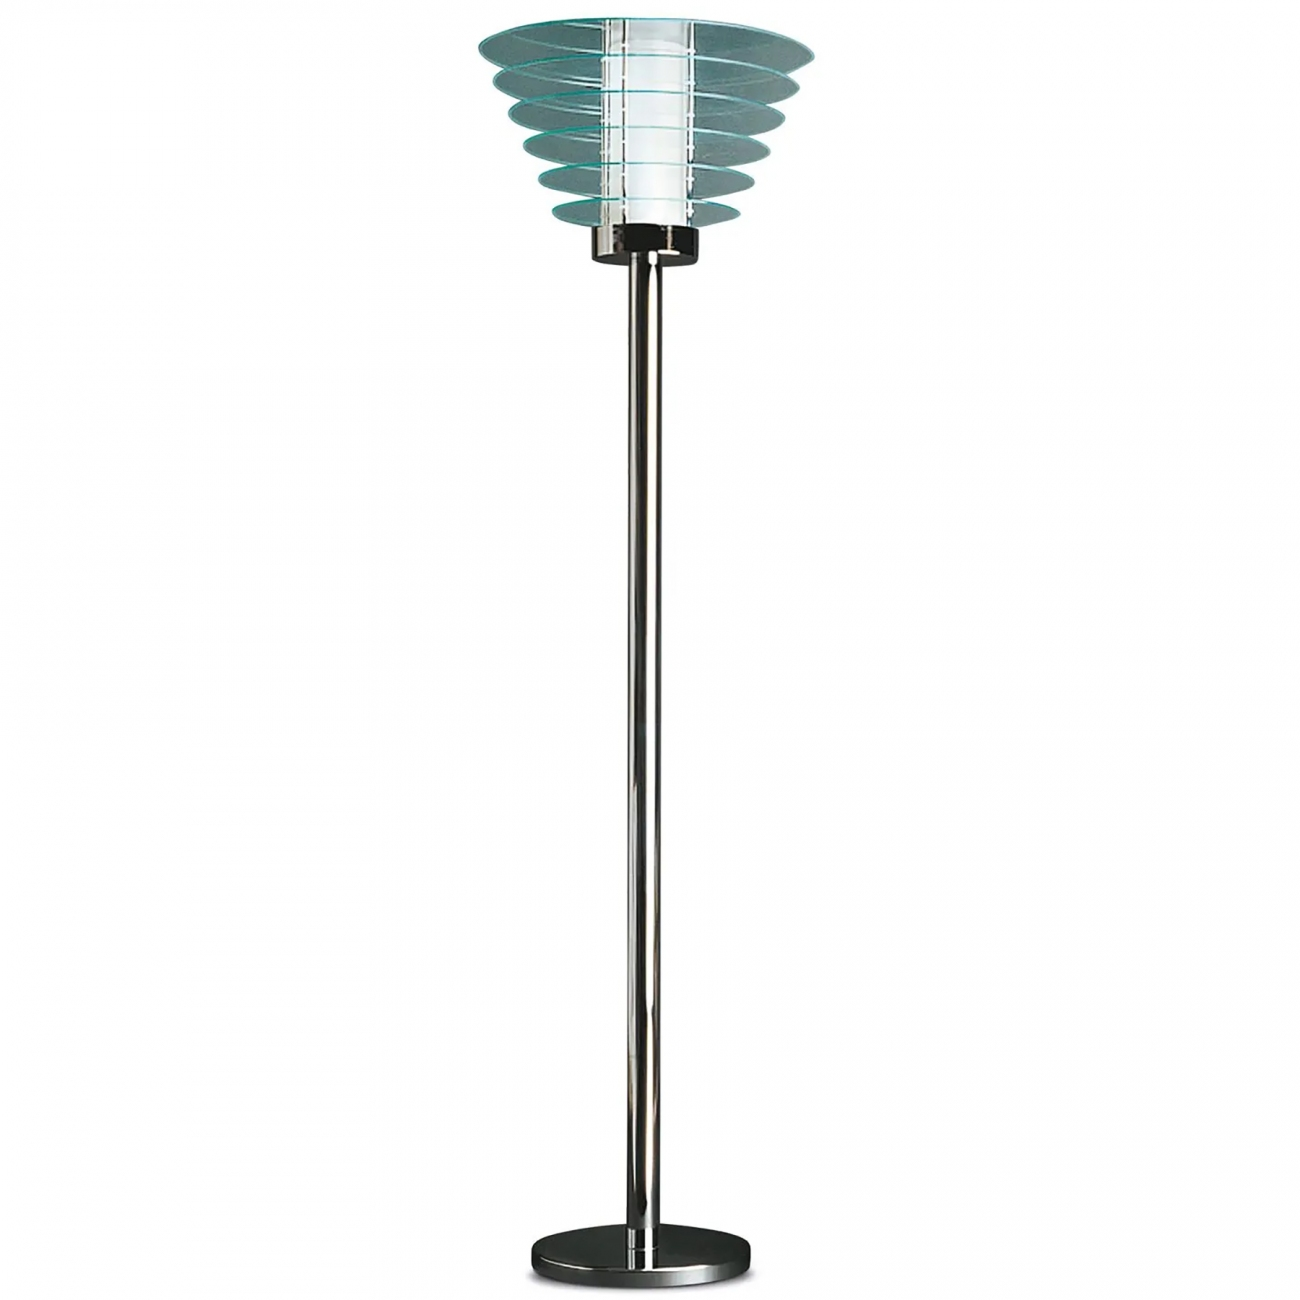 FontanaArte 0024 floor lamp